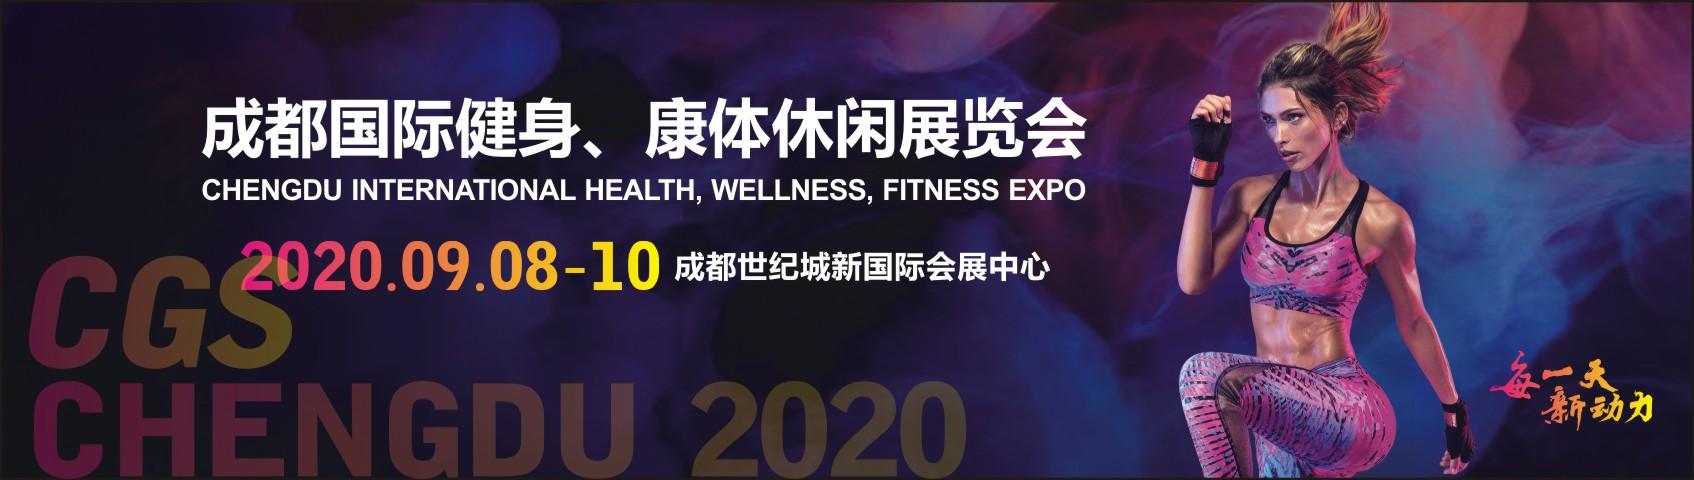 2020成都国际健身、康体休闲展览会